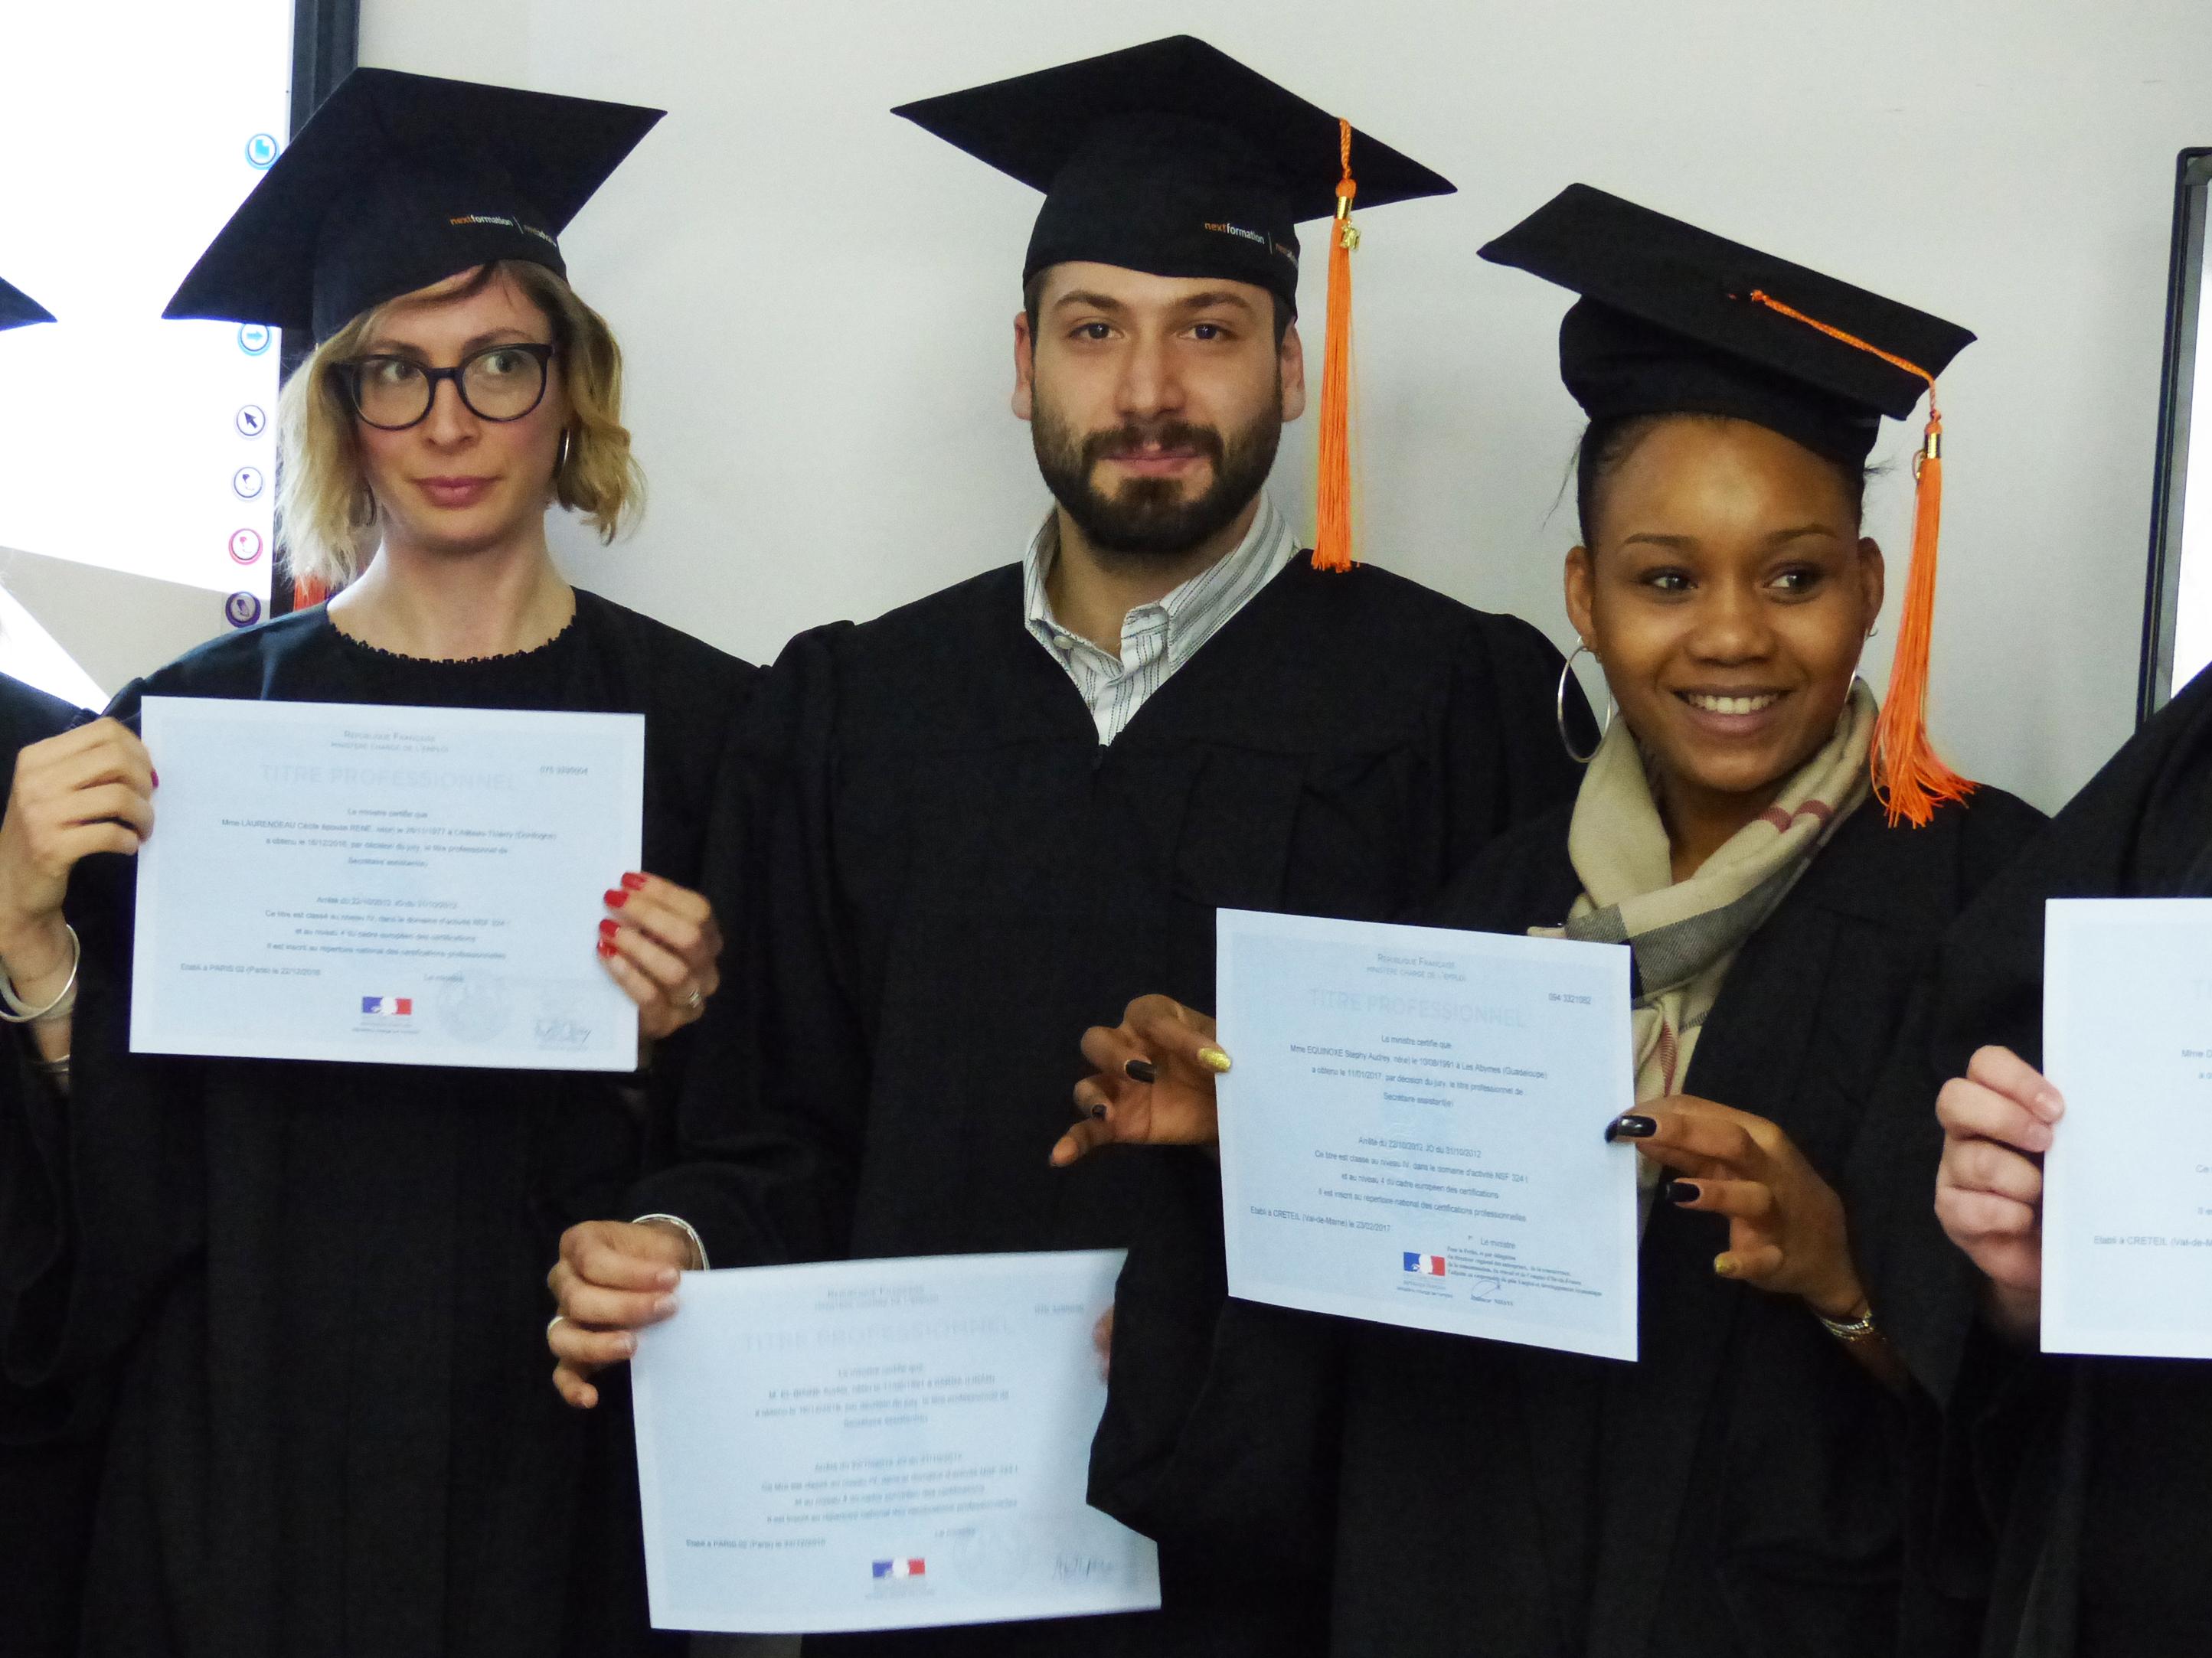 Remise de diplômes - Secrétaire Assistant(e) chez Nextformation